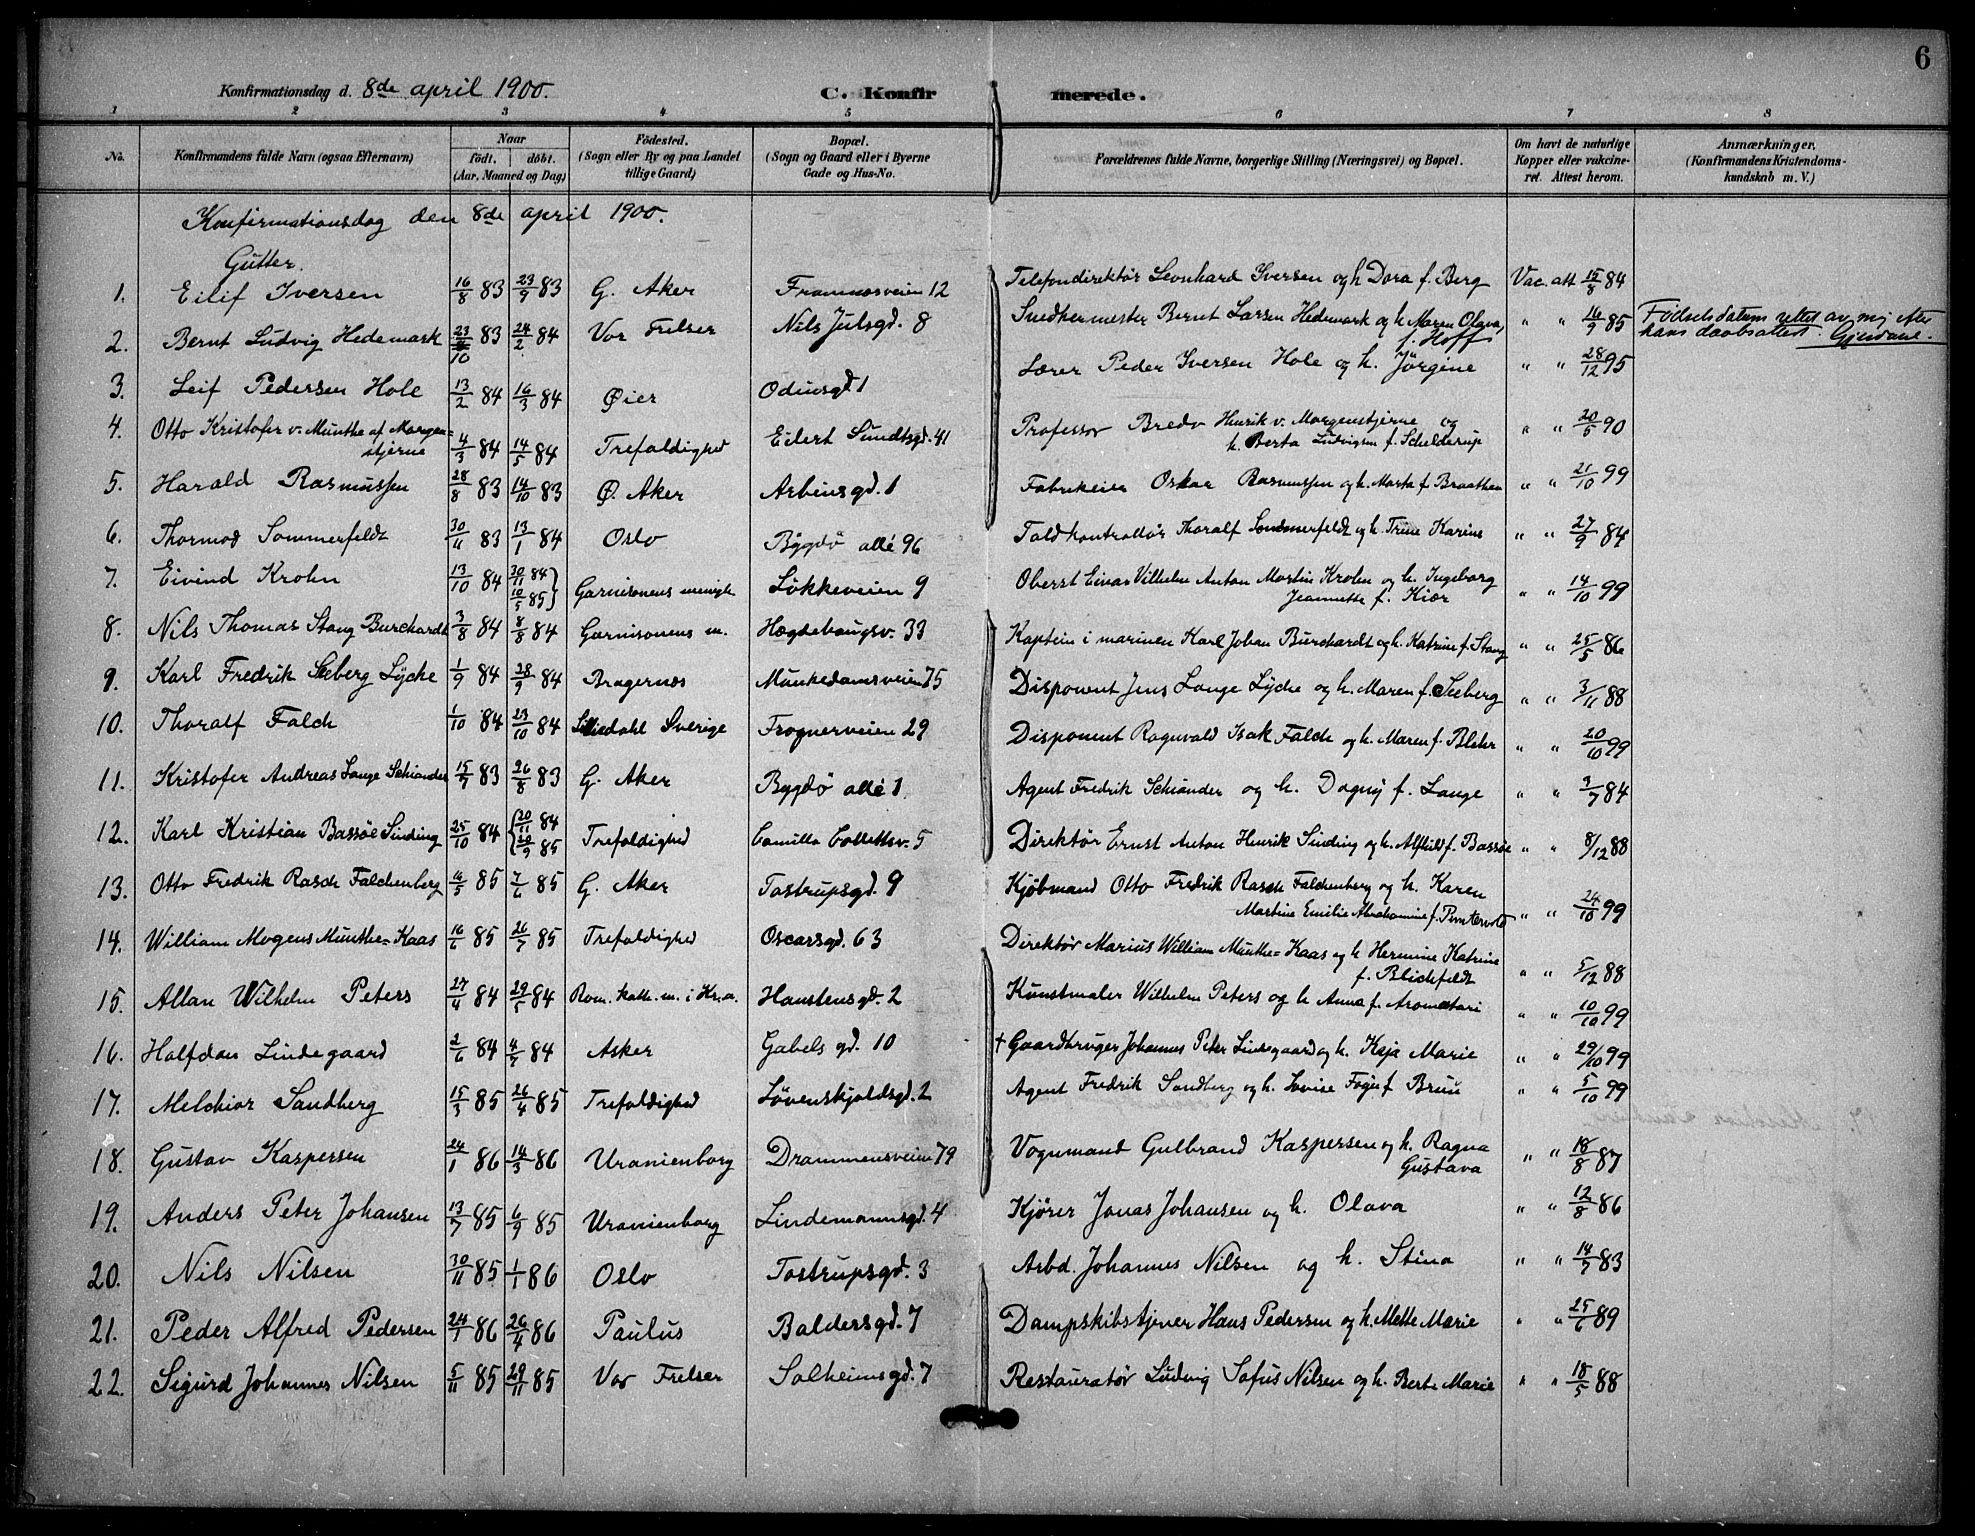 SAO, Frogner prestekontor Kirkebøker, F/Fa/L0001: Ministerialbok nr. 1, 1898-1916, s. 6